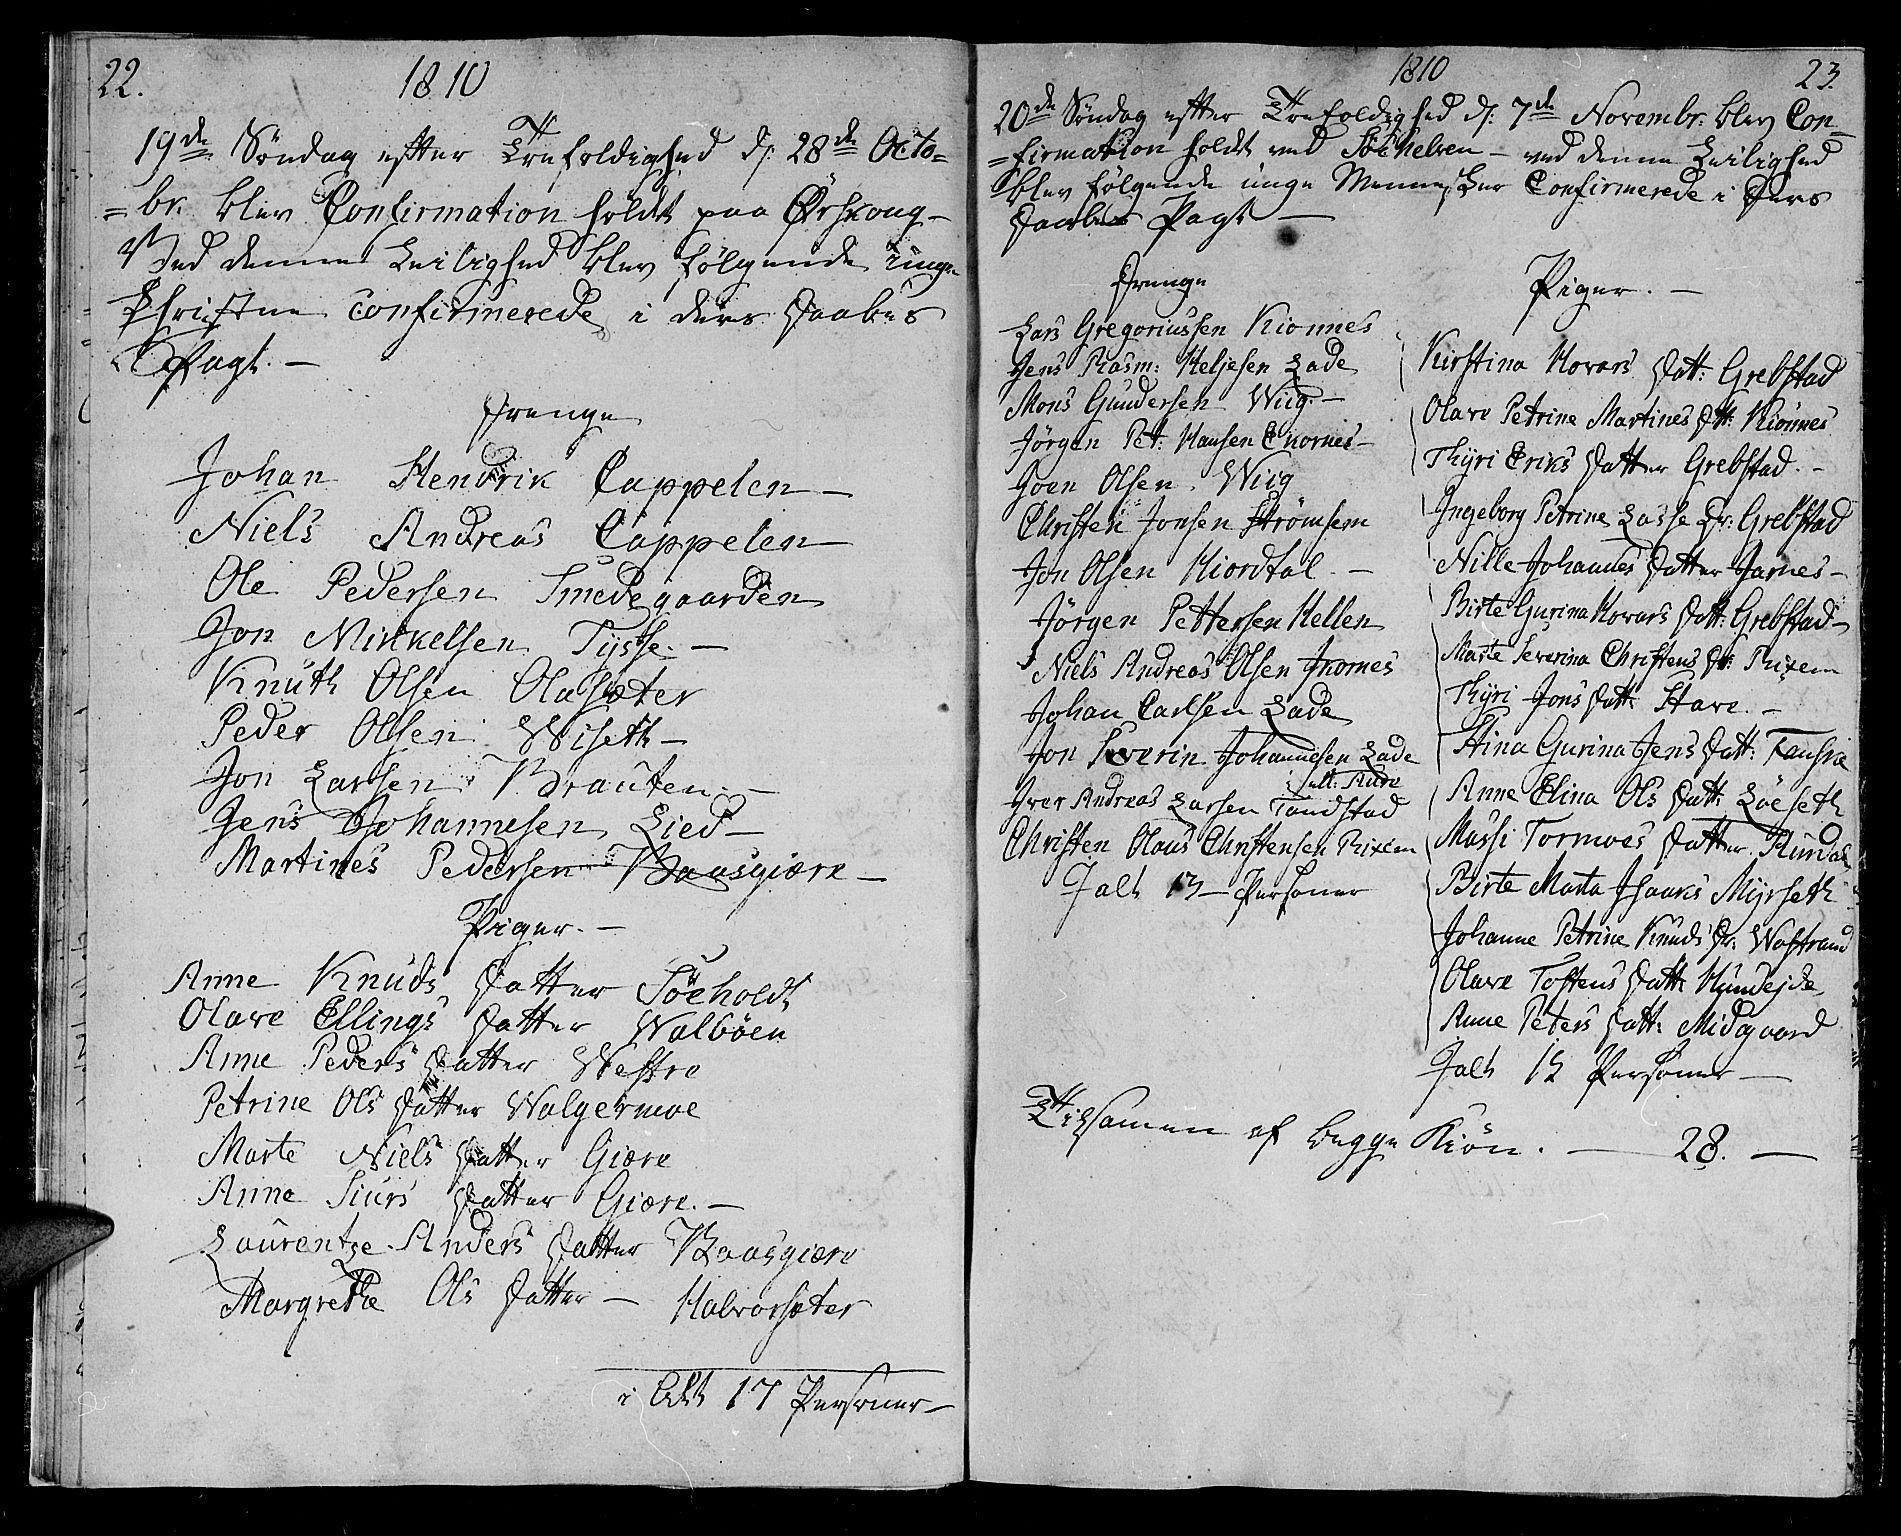 SAT, Ministerialprotokoller, klokkerbøker og fødselsregistre - Møre og Romsdal, 522/L0309: Ministerialbok nr. 522A04, 1810-1816, s. 22-23